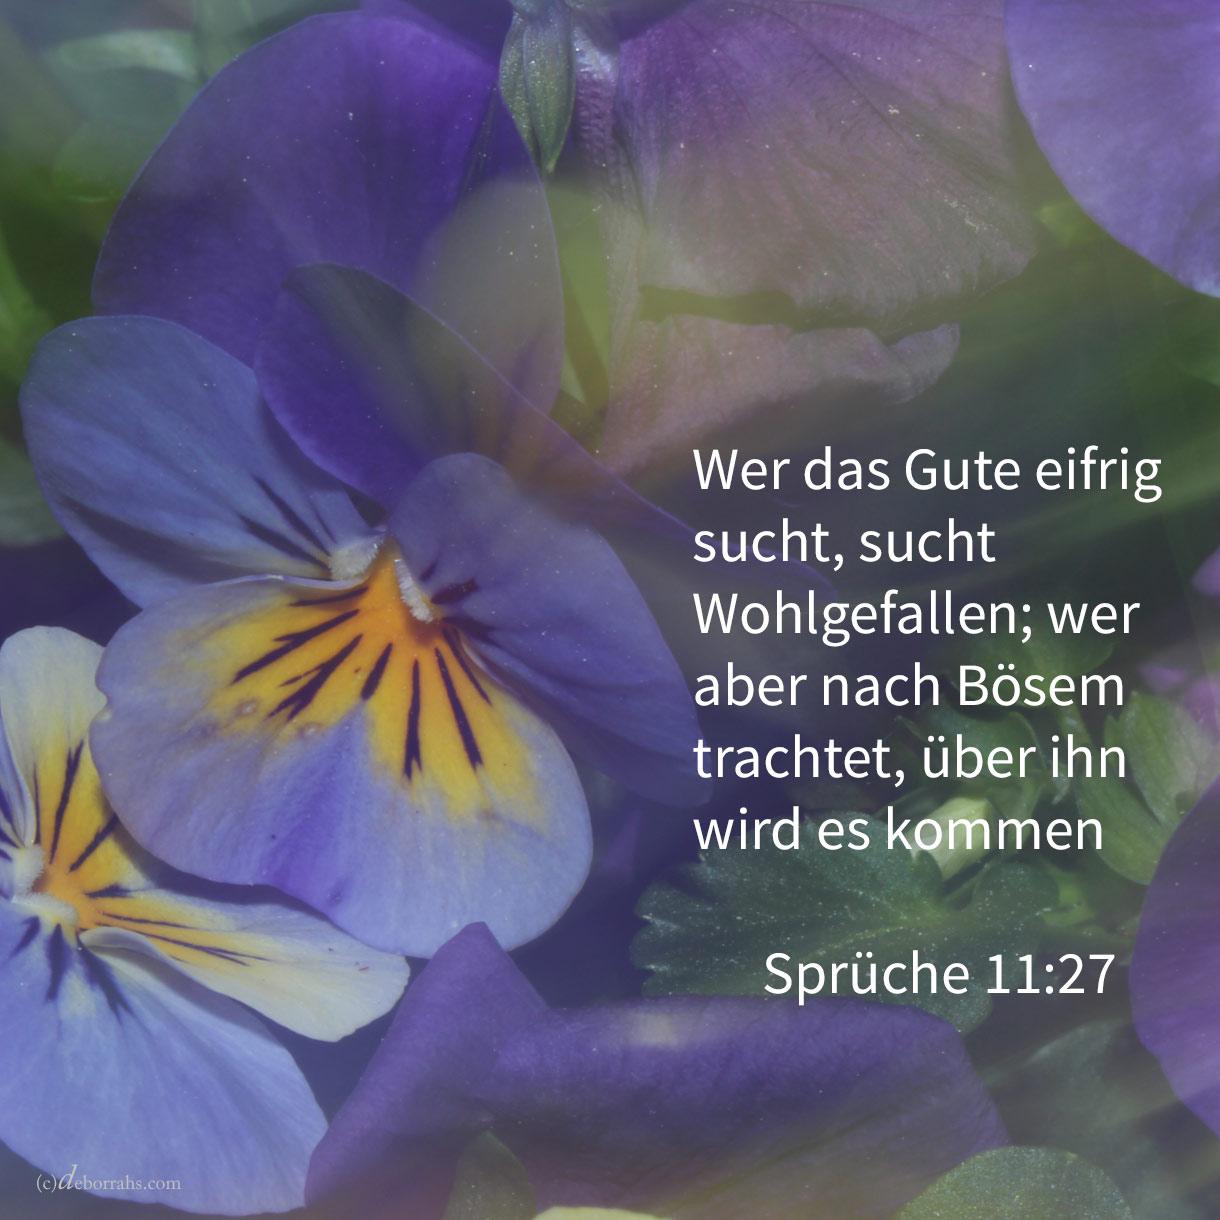 Wer das Gute eifrig sucht, sucht Wohlgefallen; wer aber nach Bösem trachtet, über ihn wird es kommen ( Spr 11:27 )